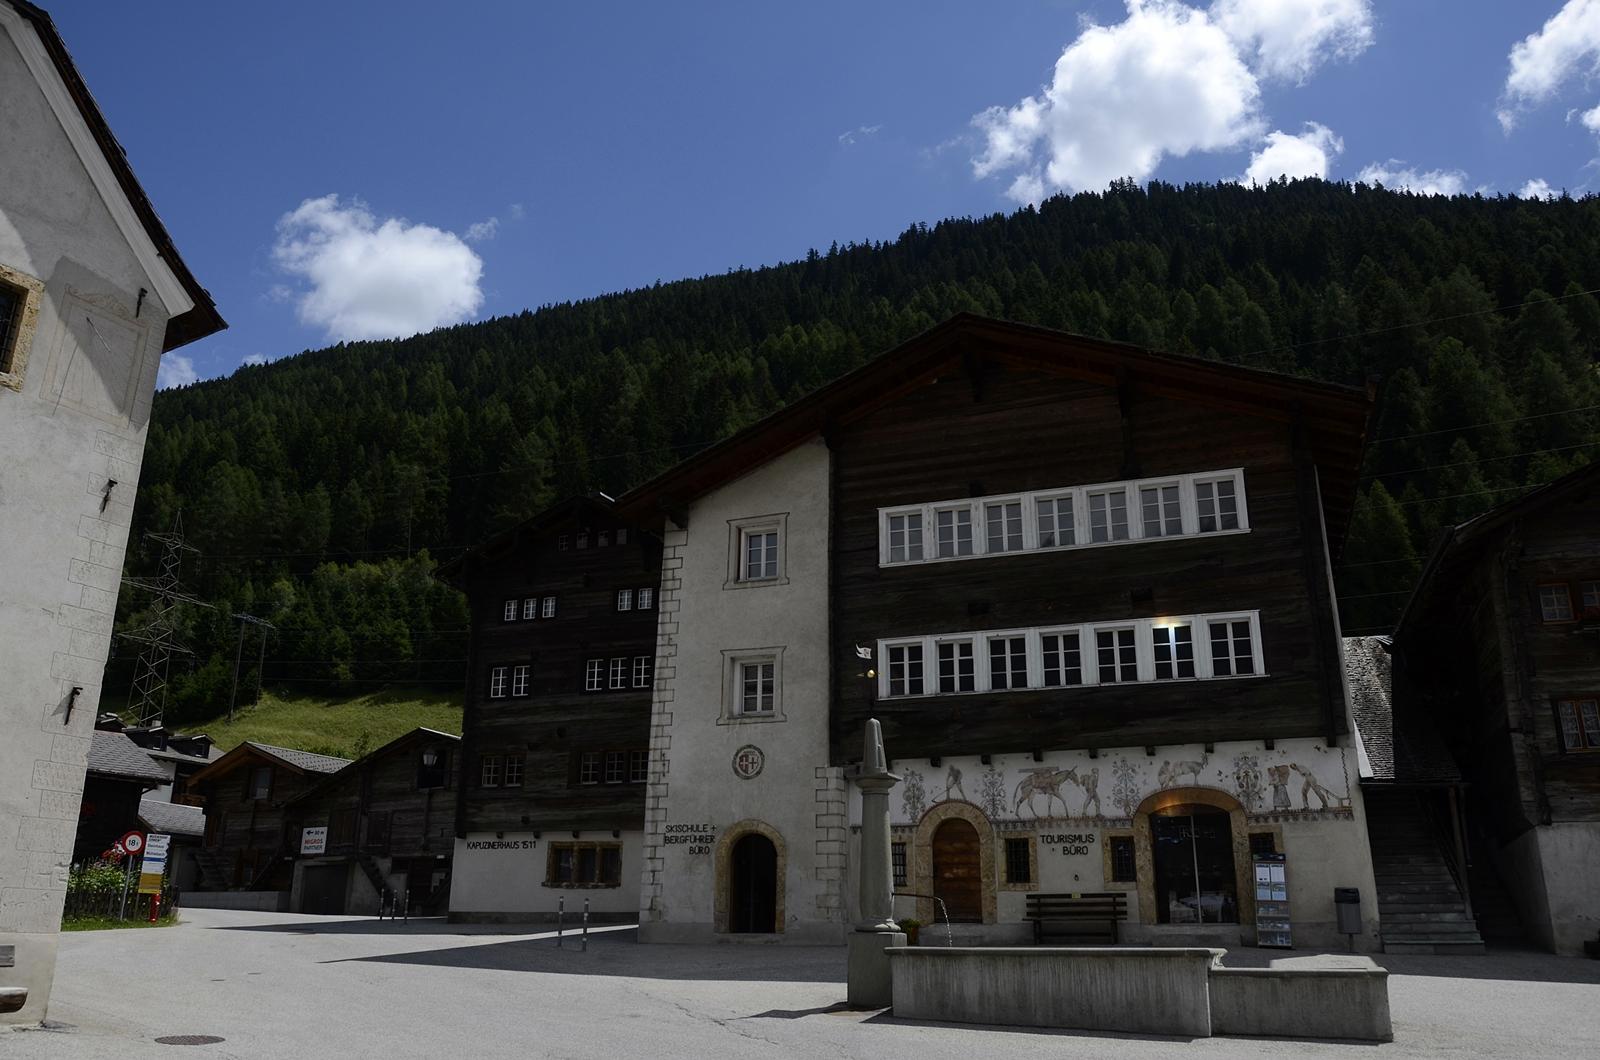 Brunnen auf dem Hengart, die Reflexionen am Haus stammen vom unteren, schmaleren Teil des Brunnens. S. Fotos 9, 10 und 11